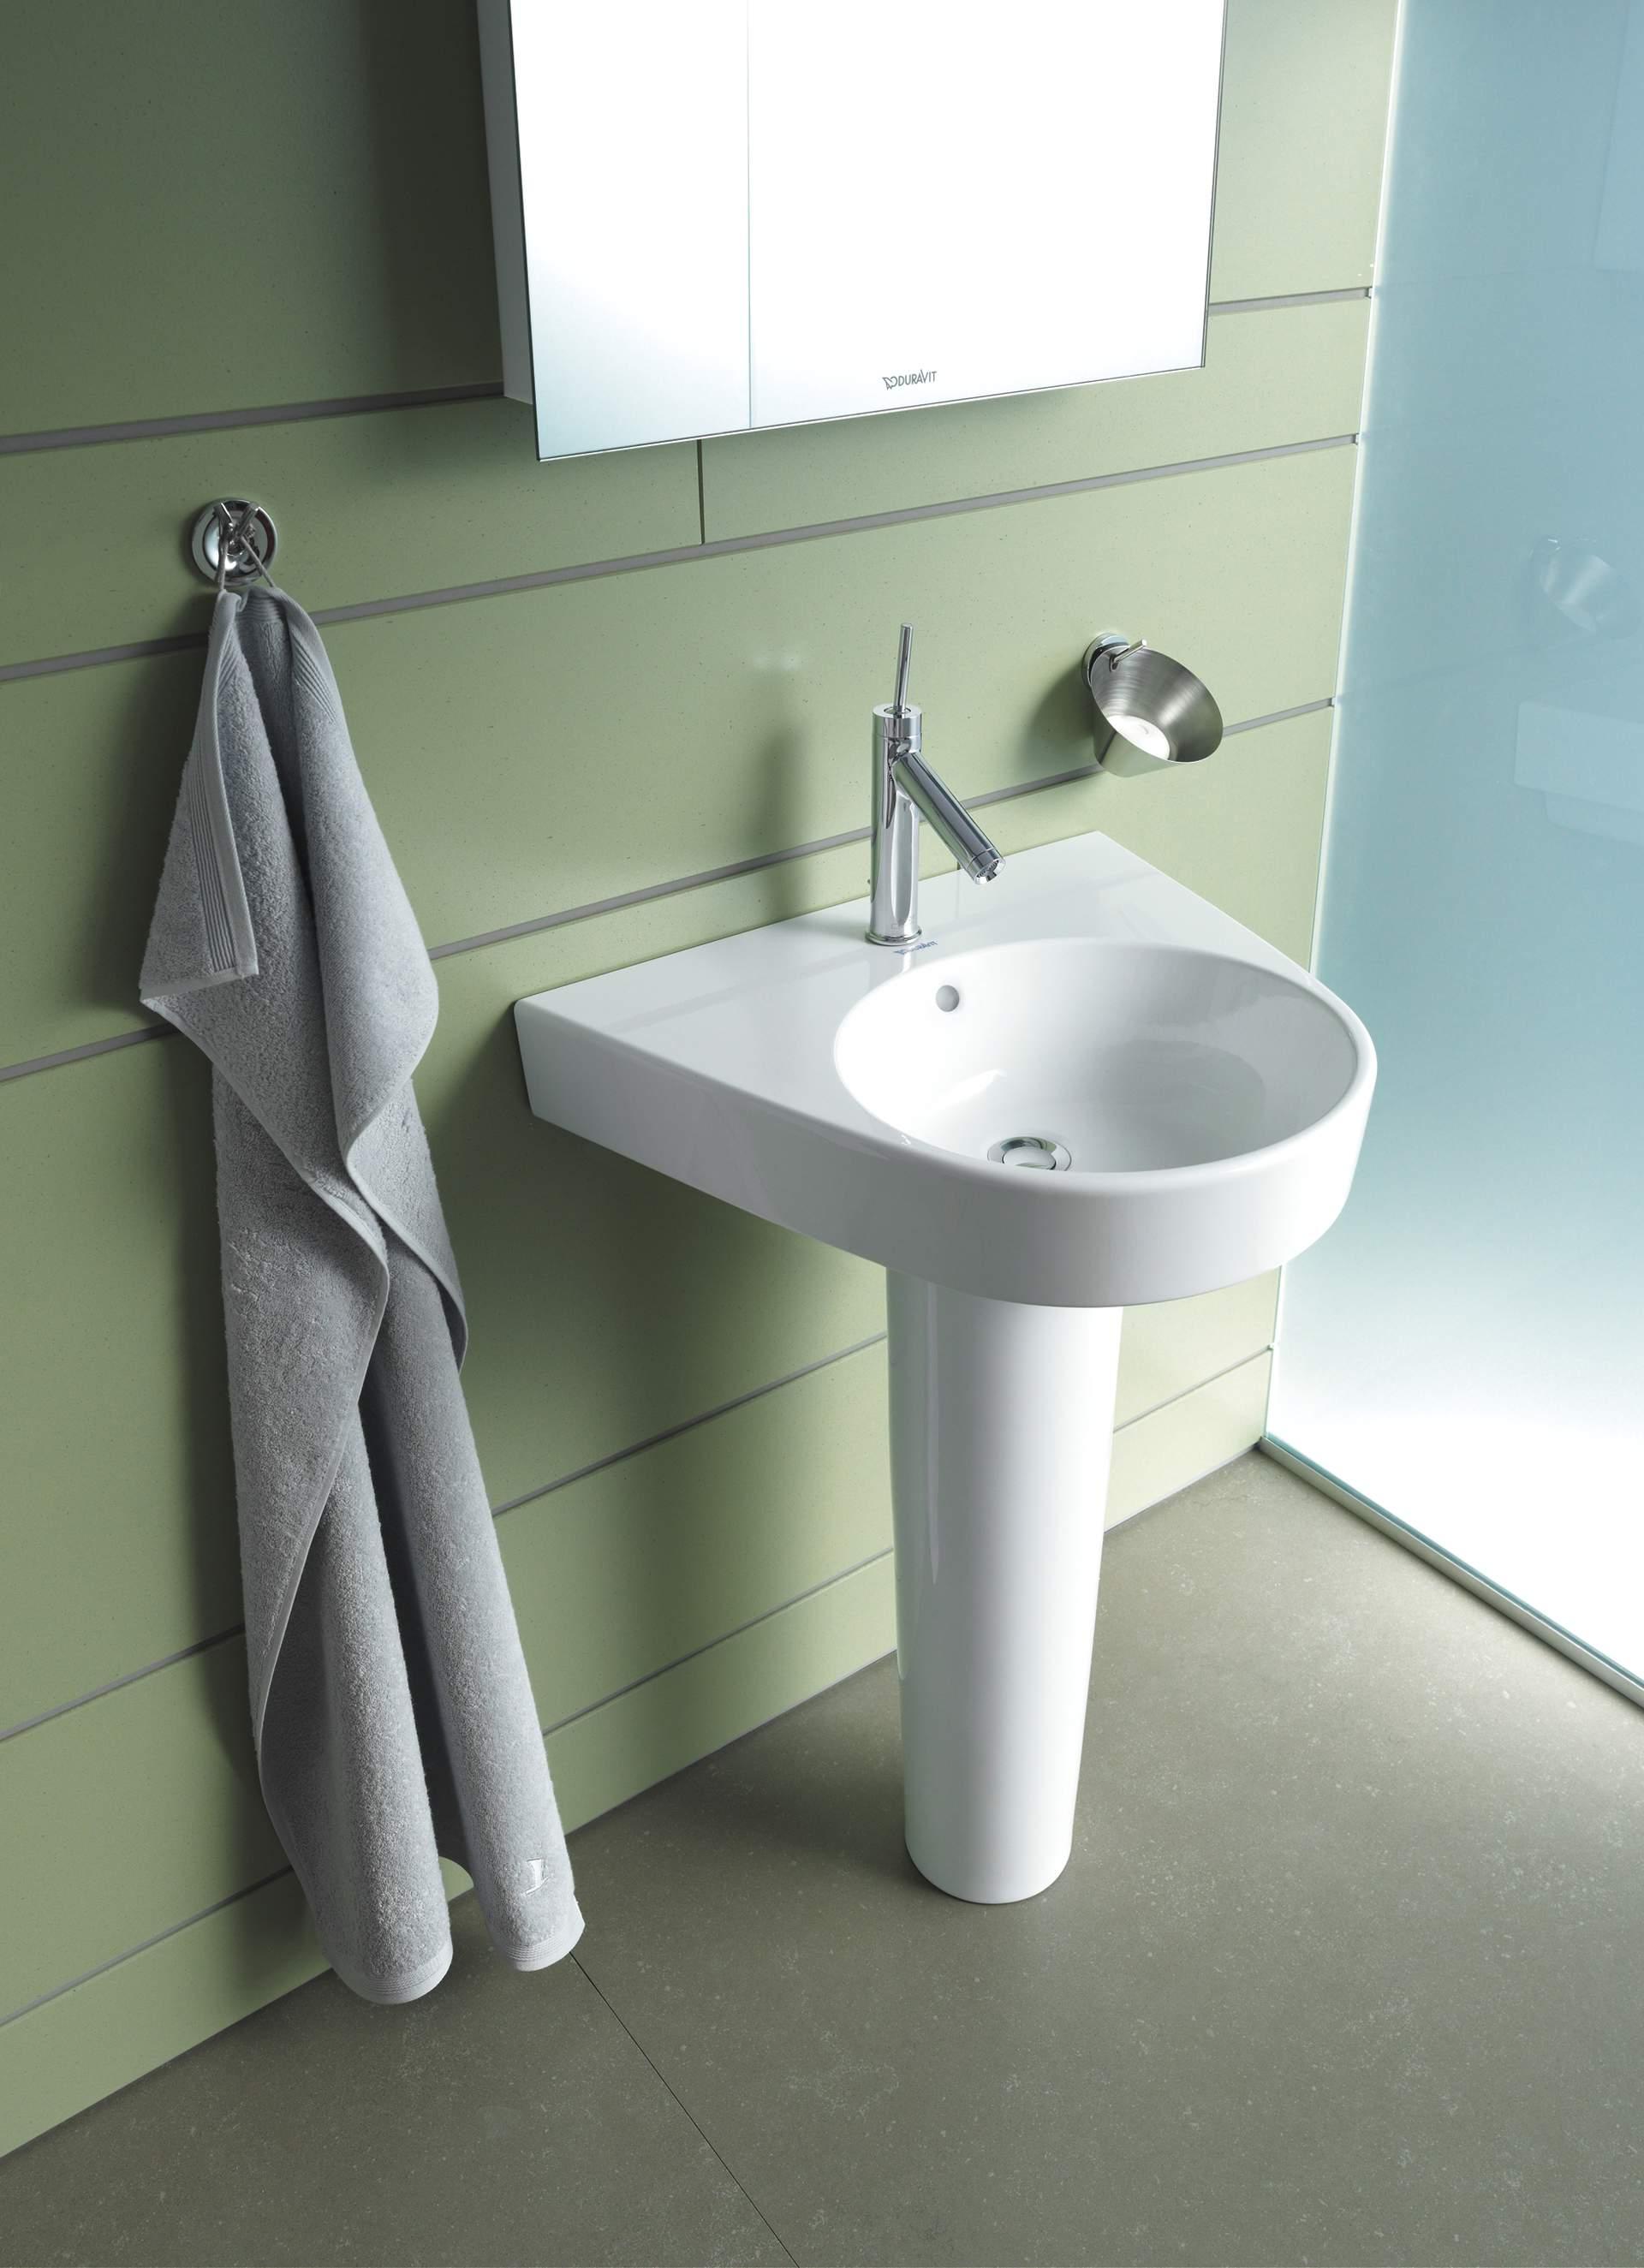 starck 2 wastafel 232355 duravit. Black Bedroom Furniture Sets. Home Design Ideas